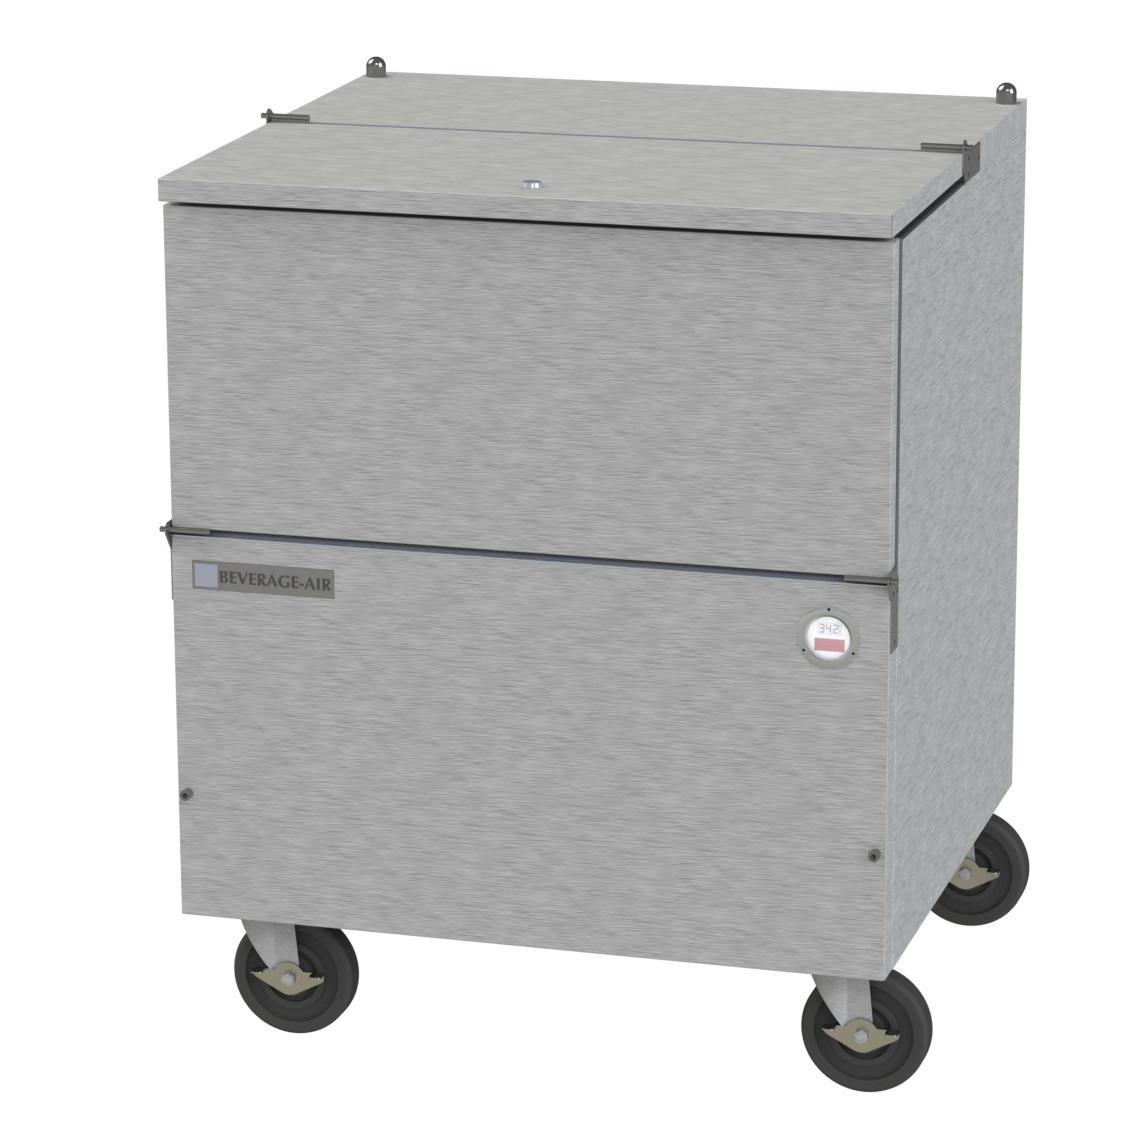 SM34N-S Beverage Air milk cooler / station